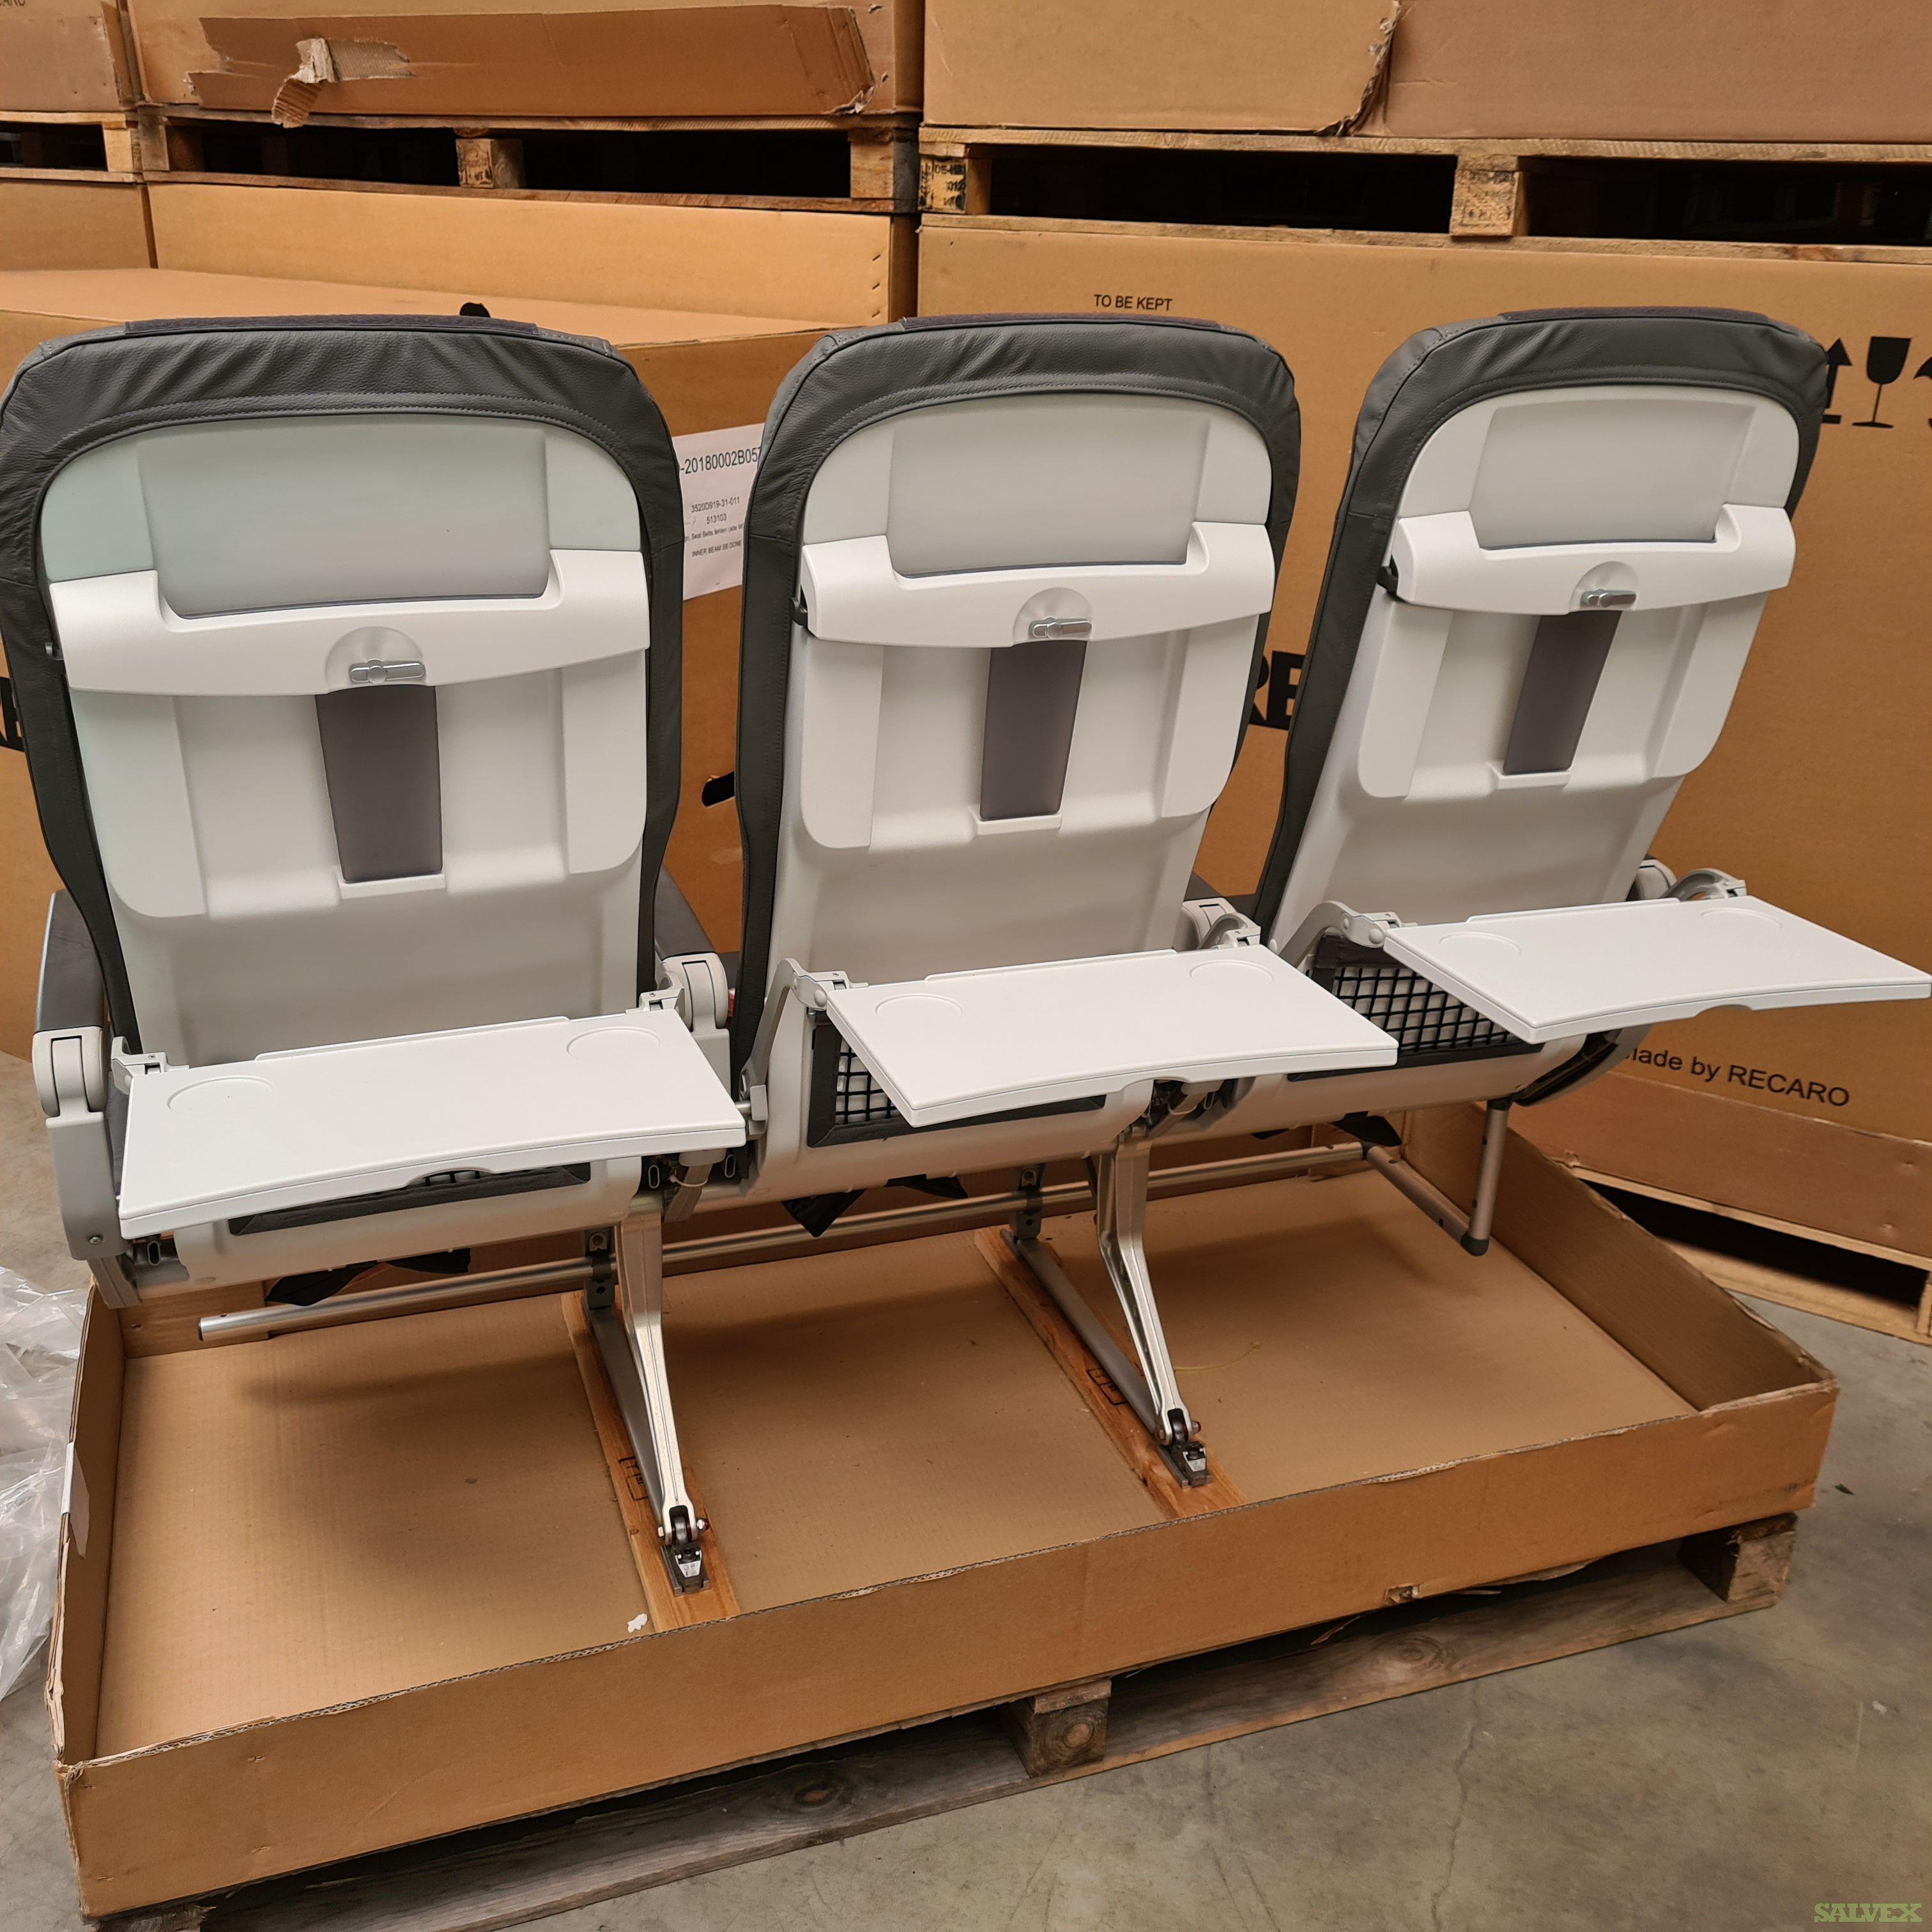 Airbus A320 Seats: YOM 2012, 180 Pax, Recaro BL3520 (1 Shipset)